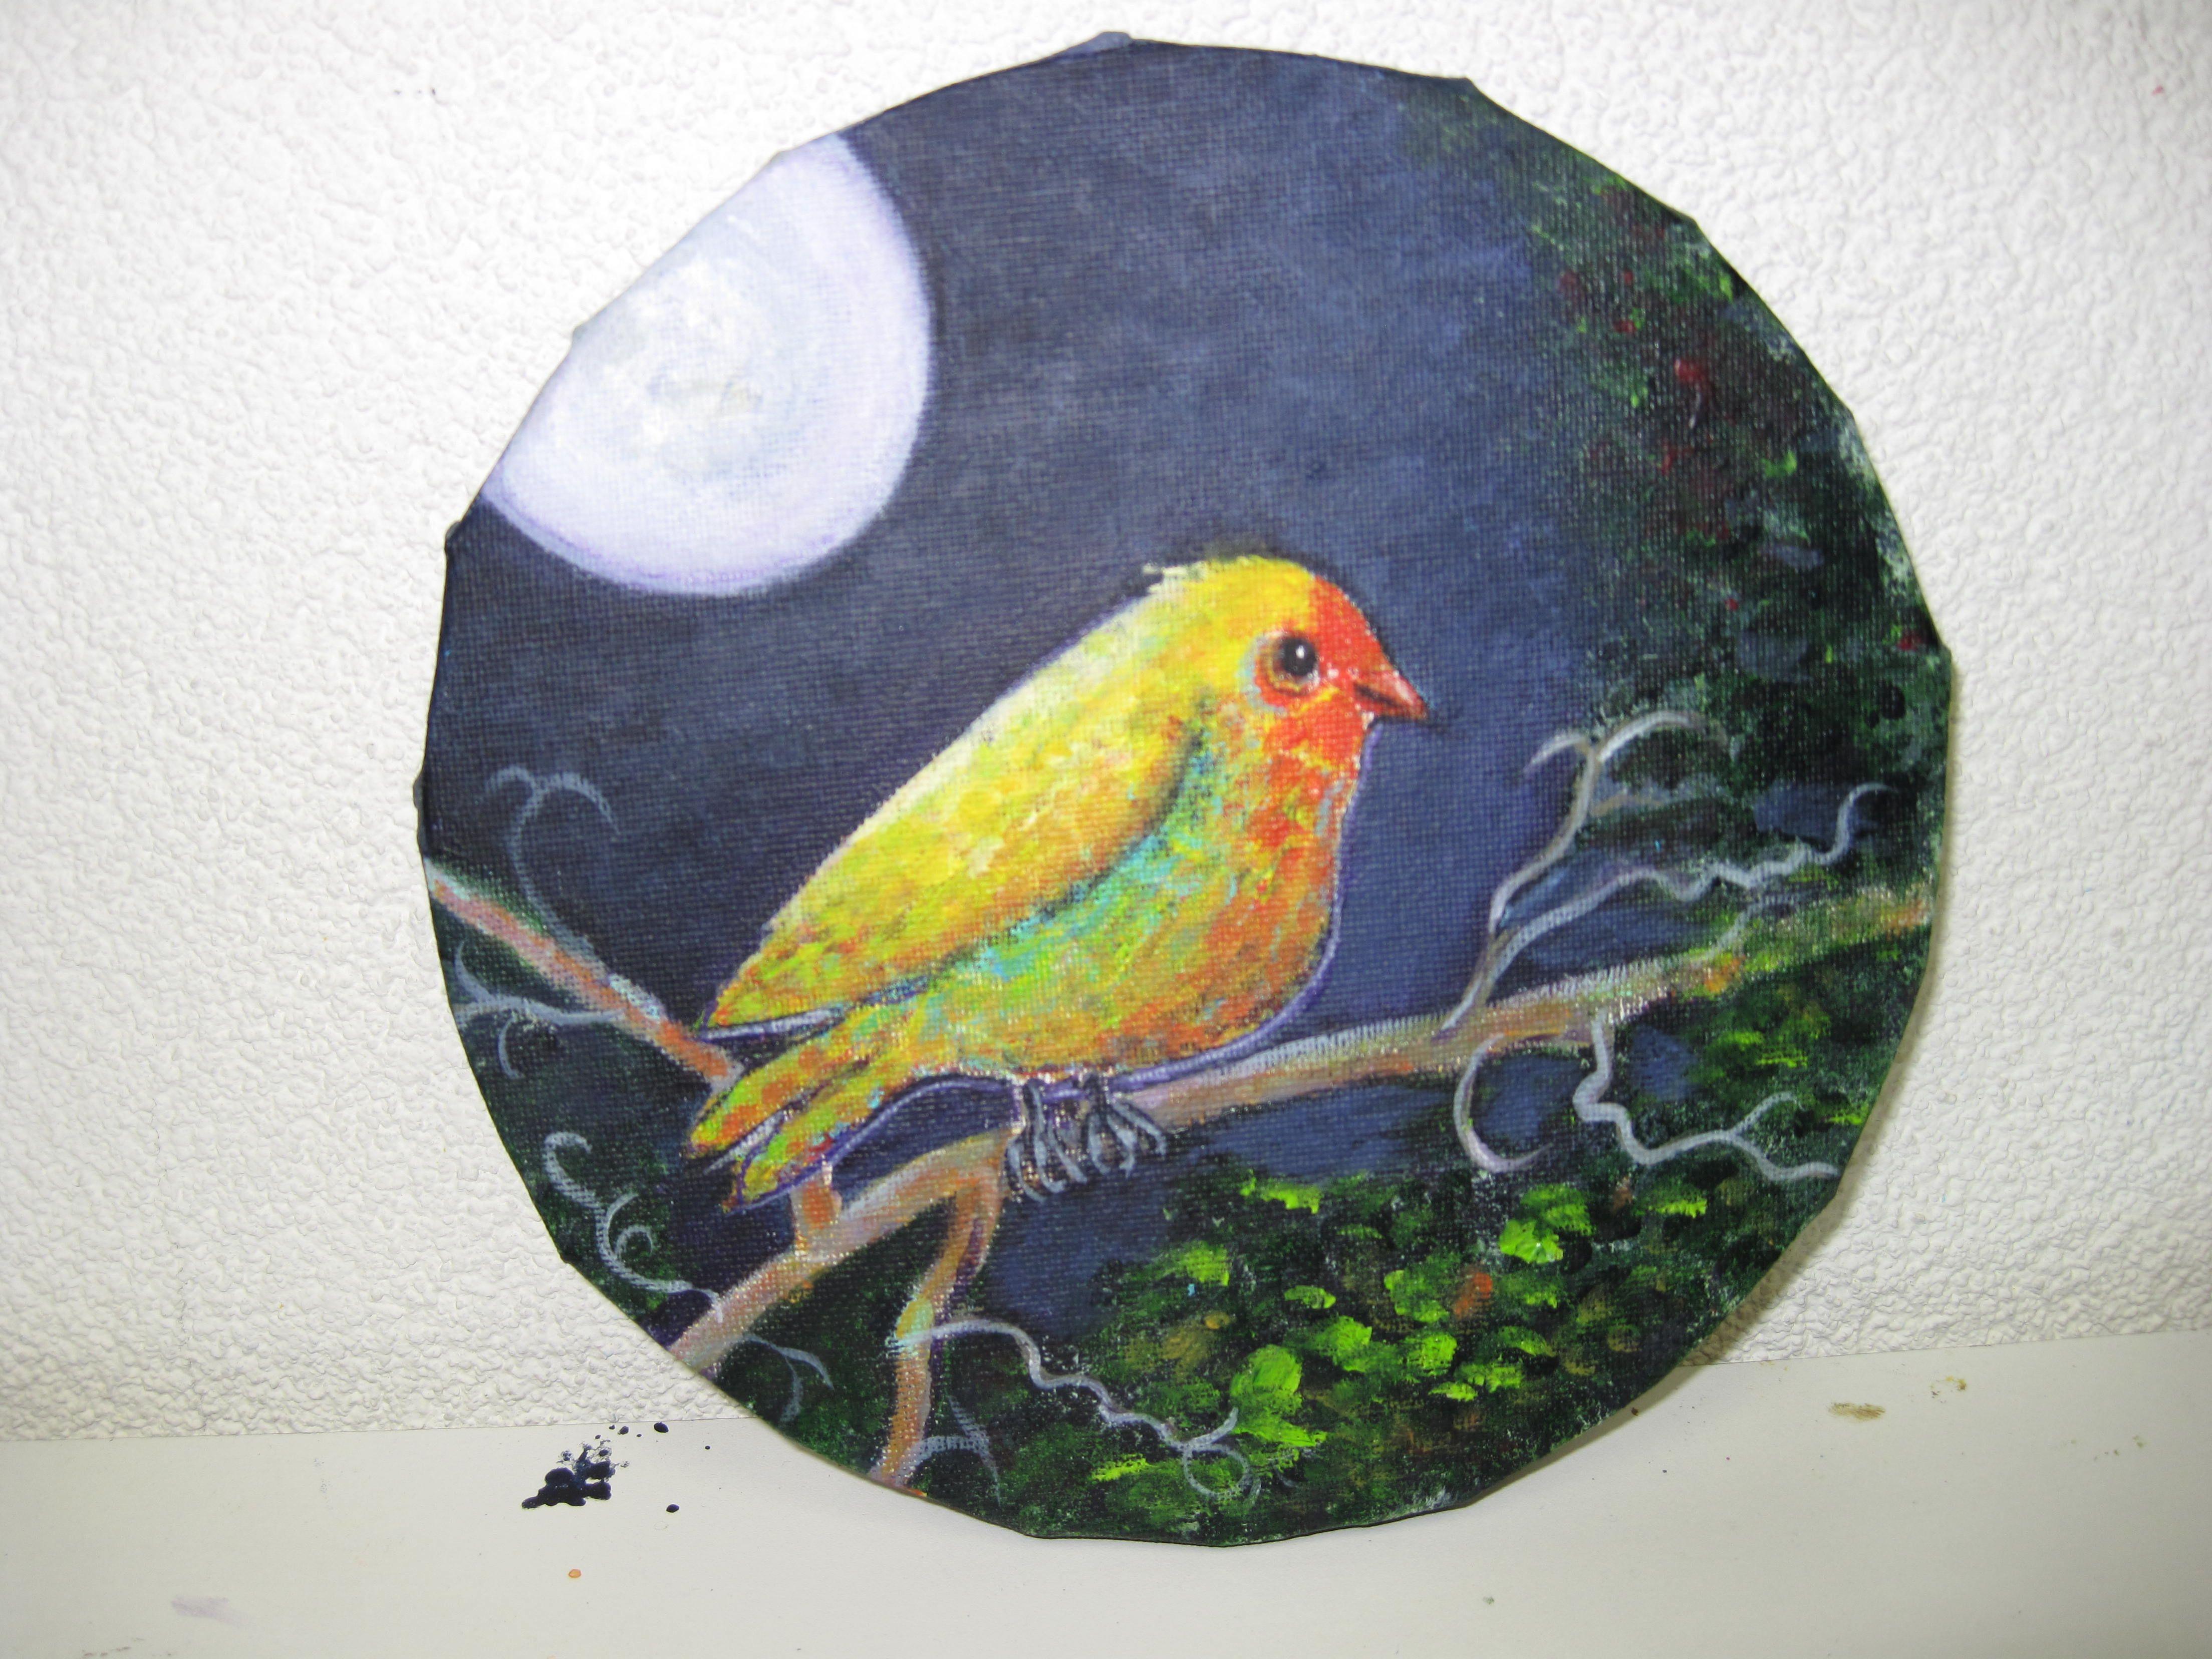 vogel in de nacht, nog niet af.